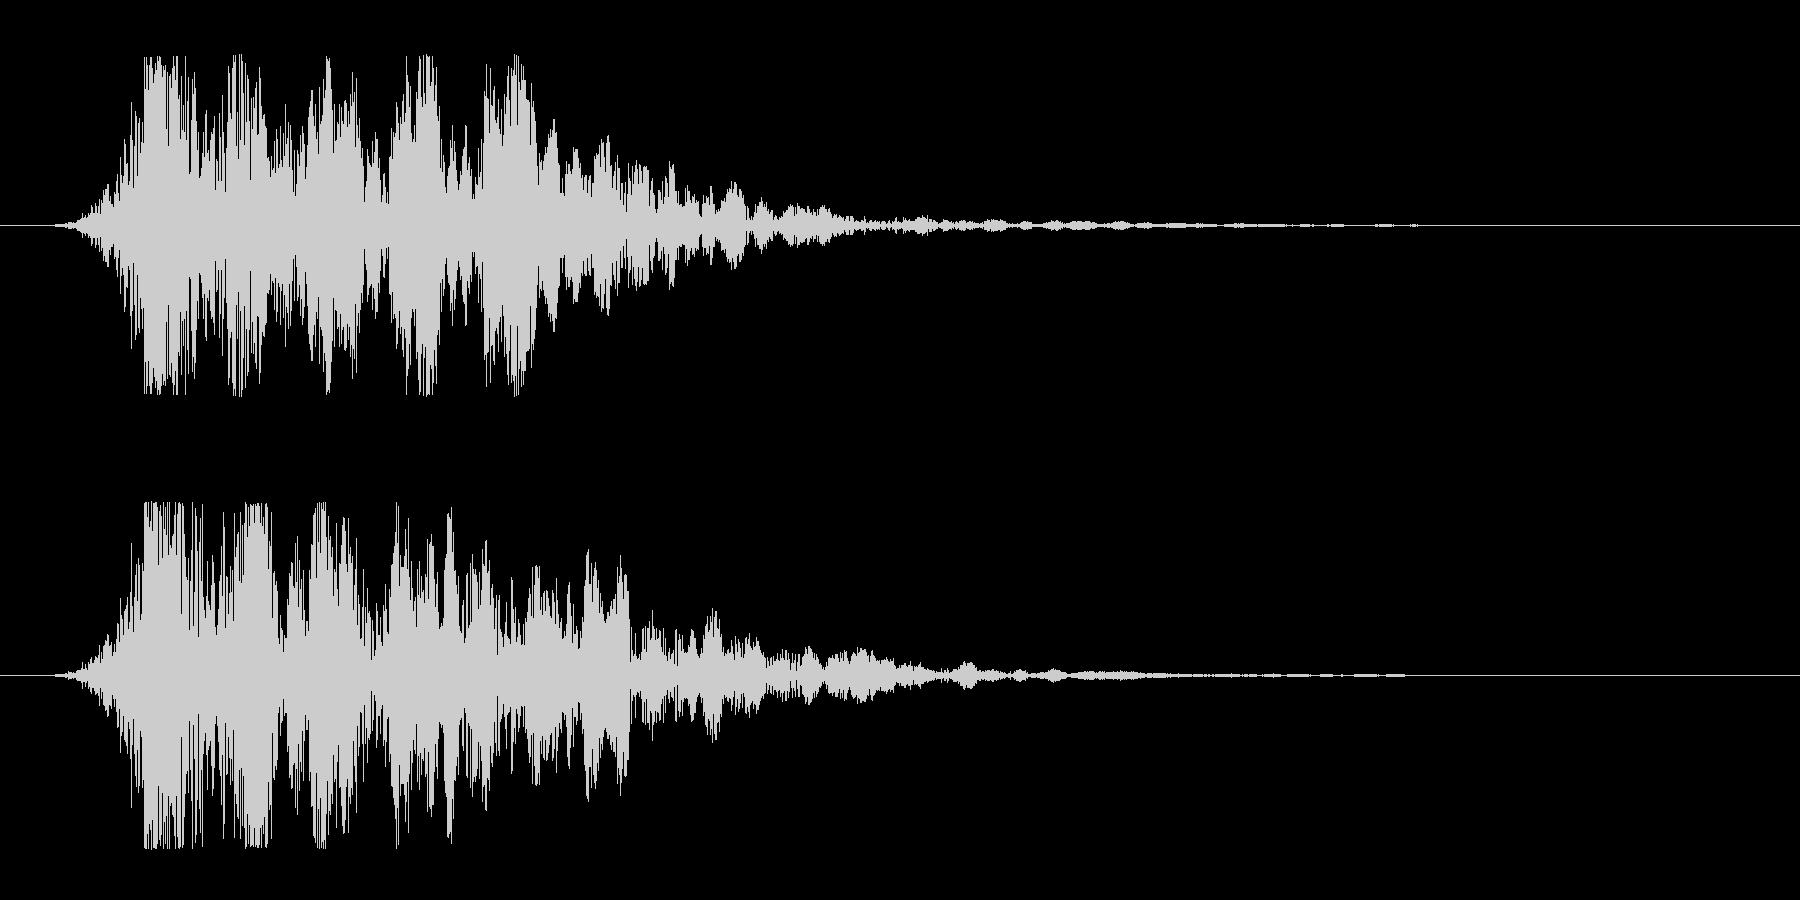 シュードーン-11(インパクト音)の未再生の波形